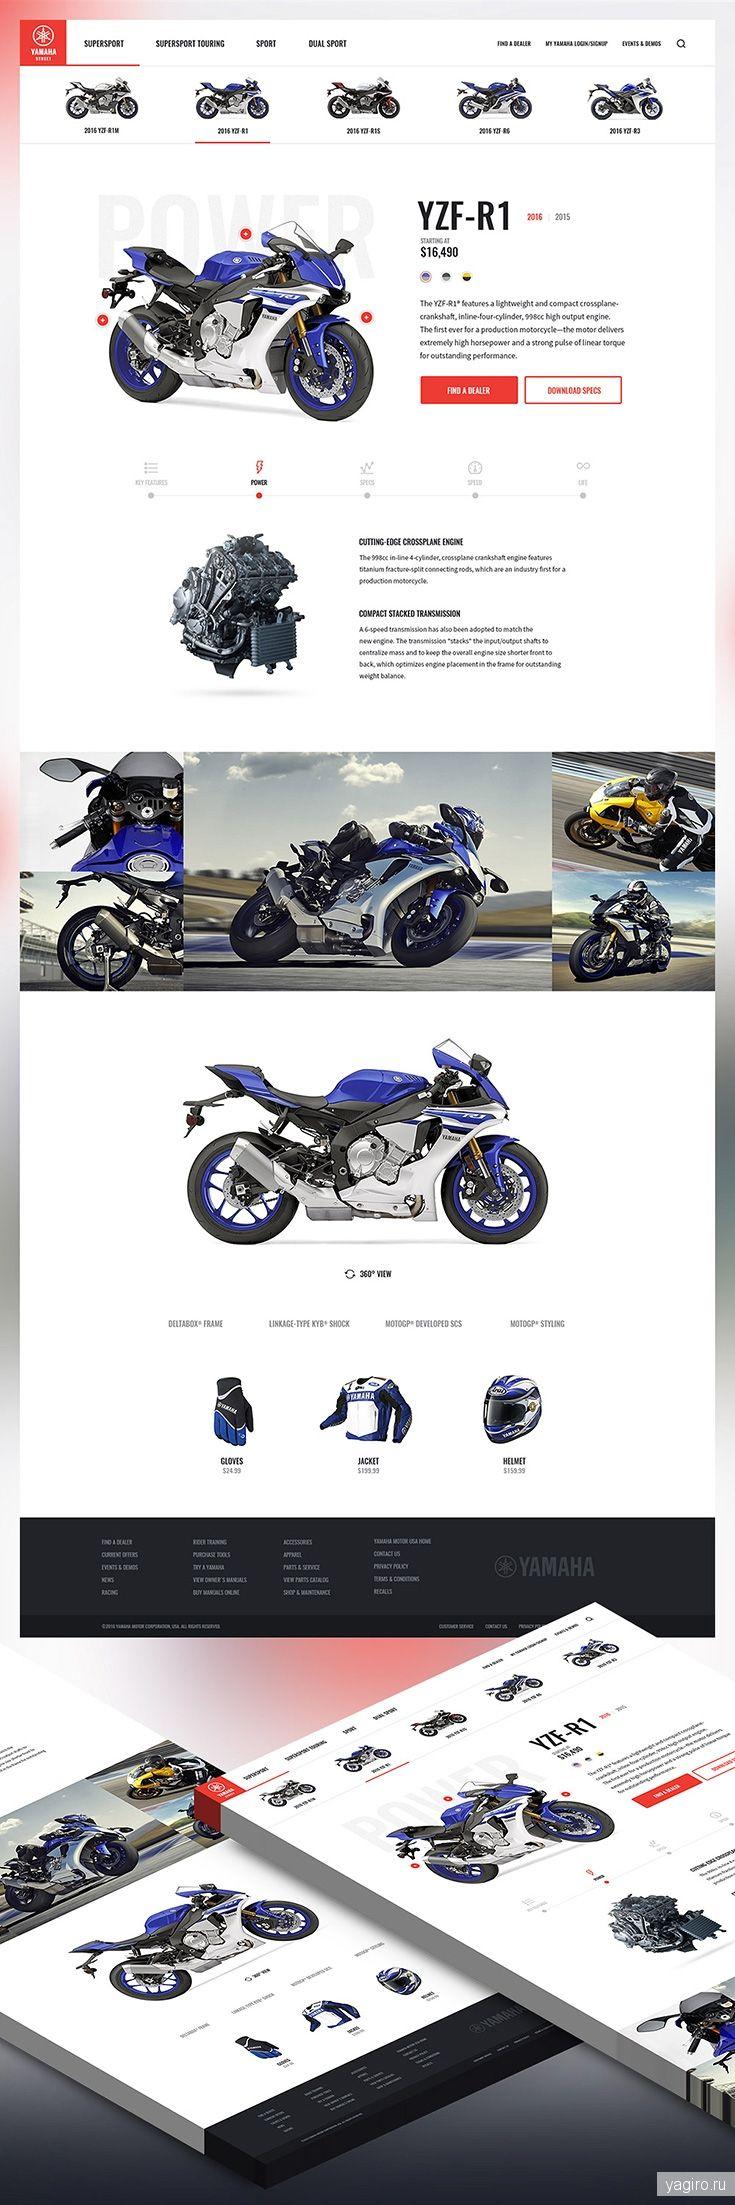 Бесплатный PSD шаблон магазина мотоциклов / Web desgin / Yagiro - сайт о дизайне и для дизайнеров